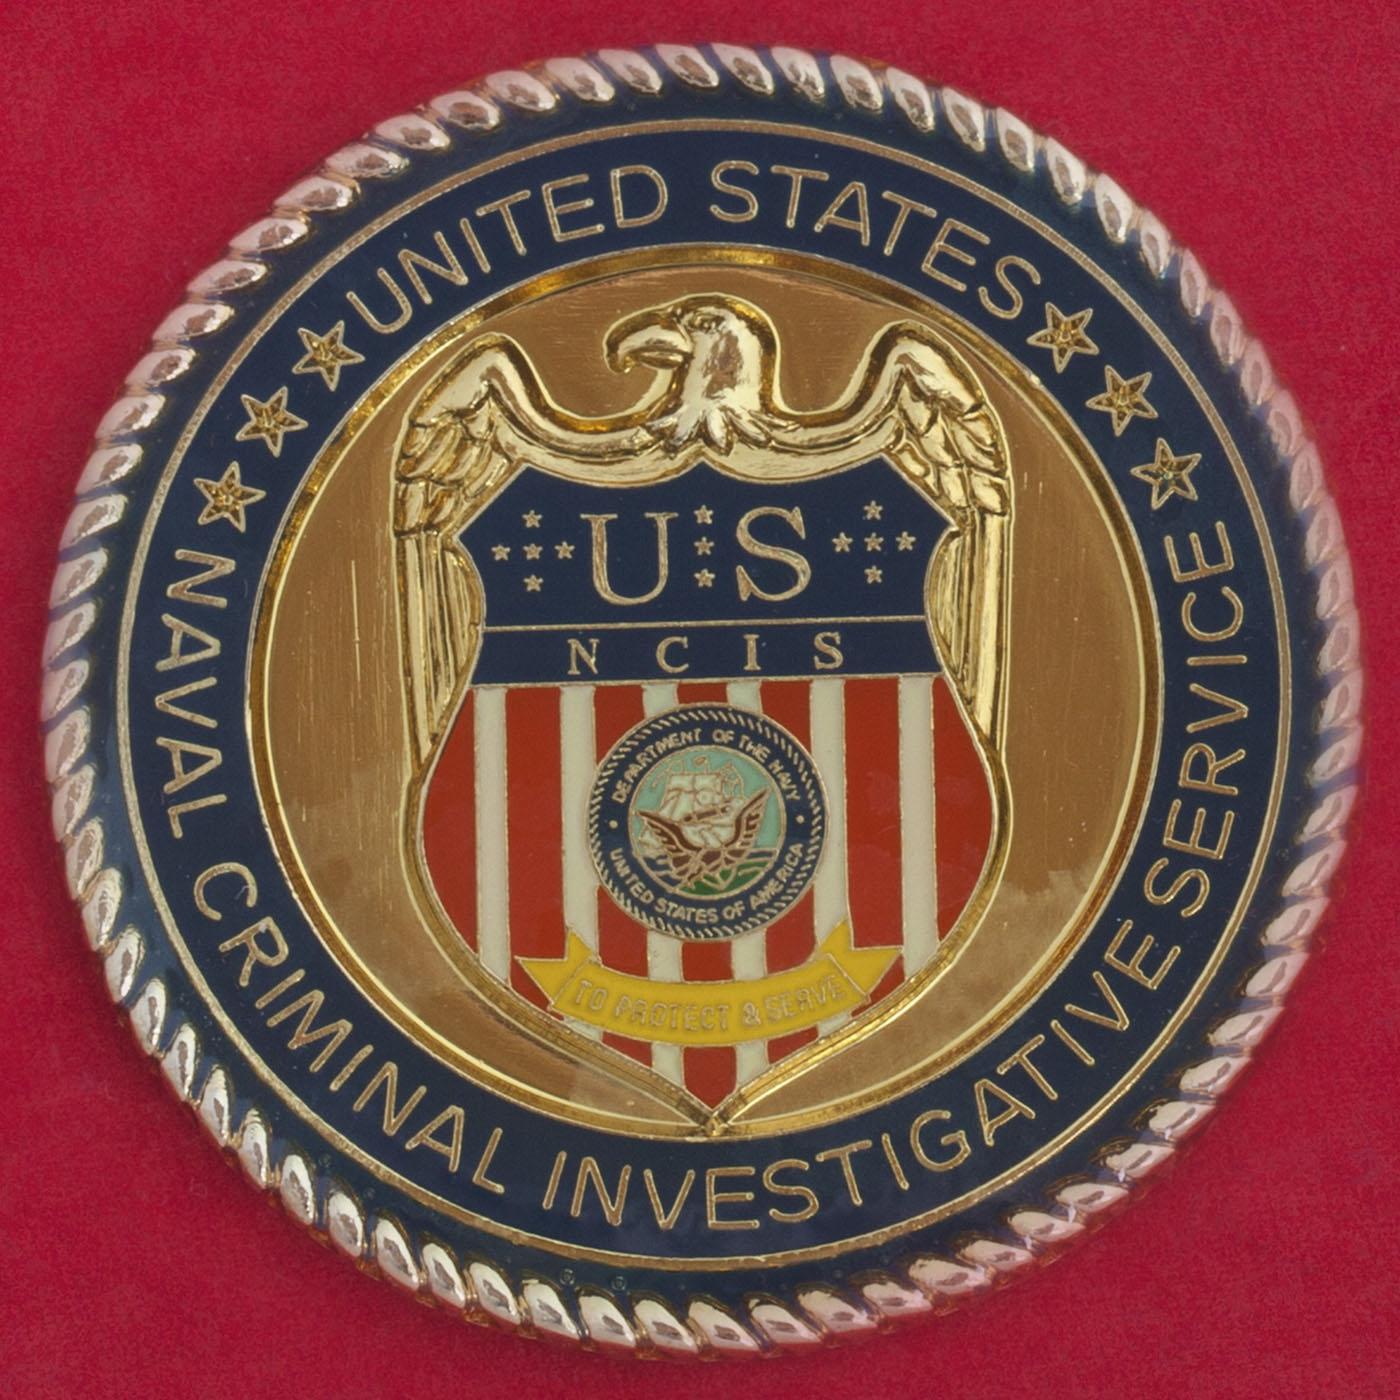 Челлендж коин Следственного управления ВМС США в Джорджии